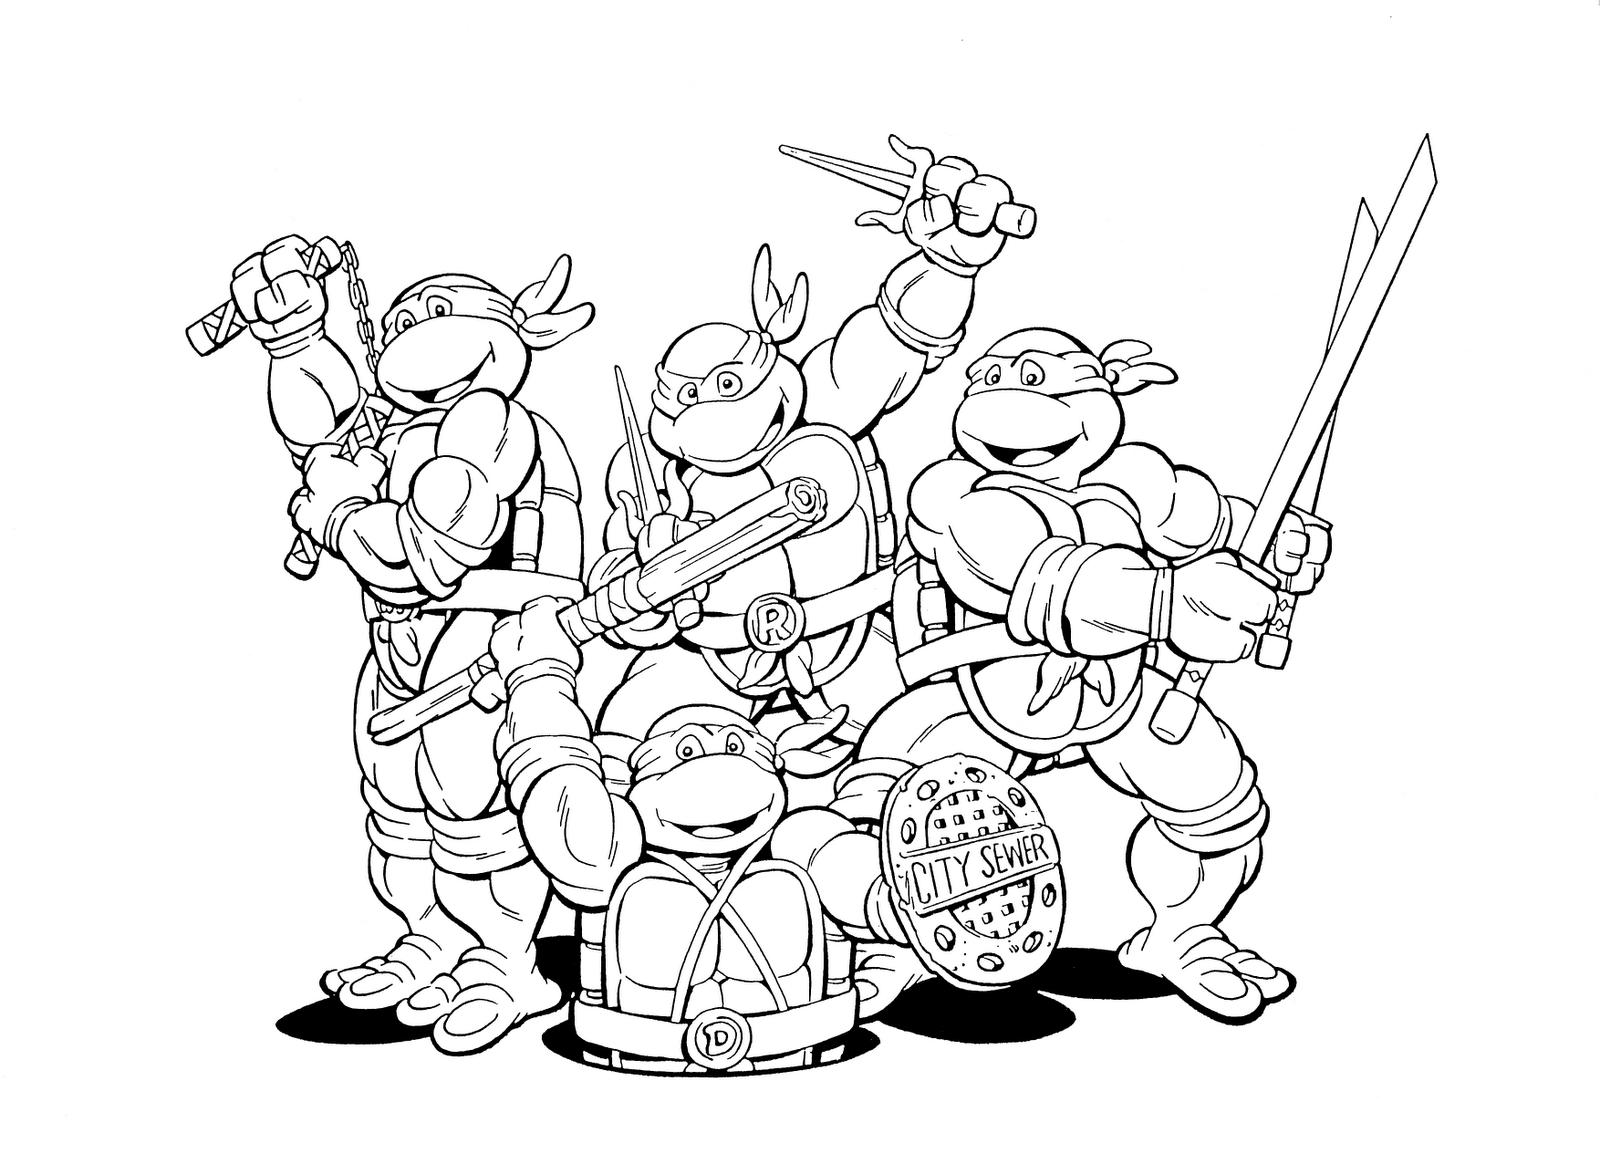 Download Teenage Mutant Ninja Turtles Coloring Pages